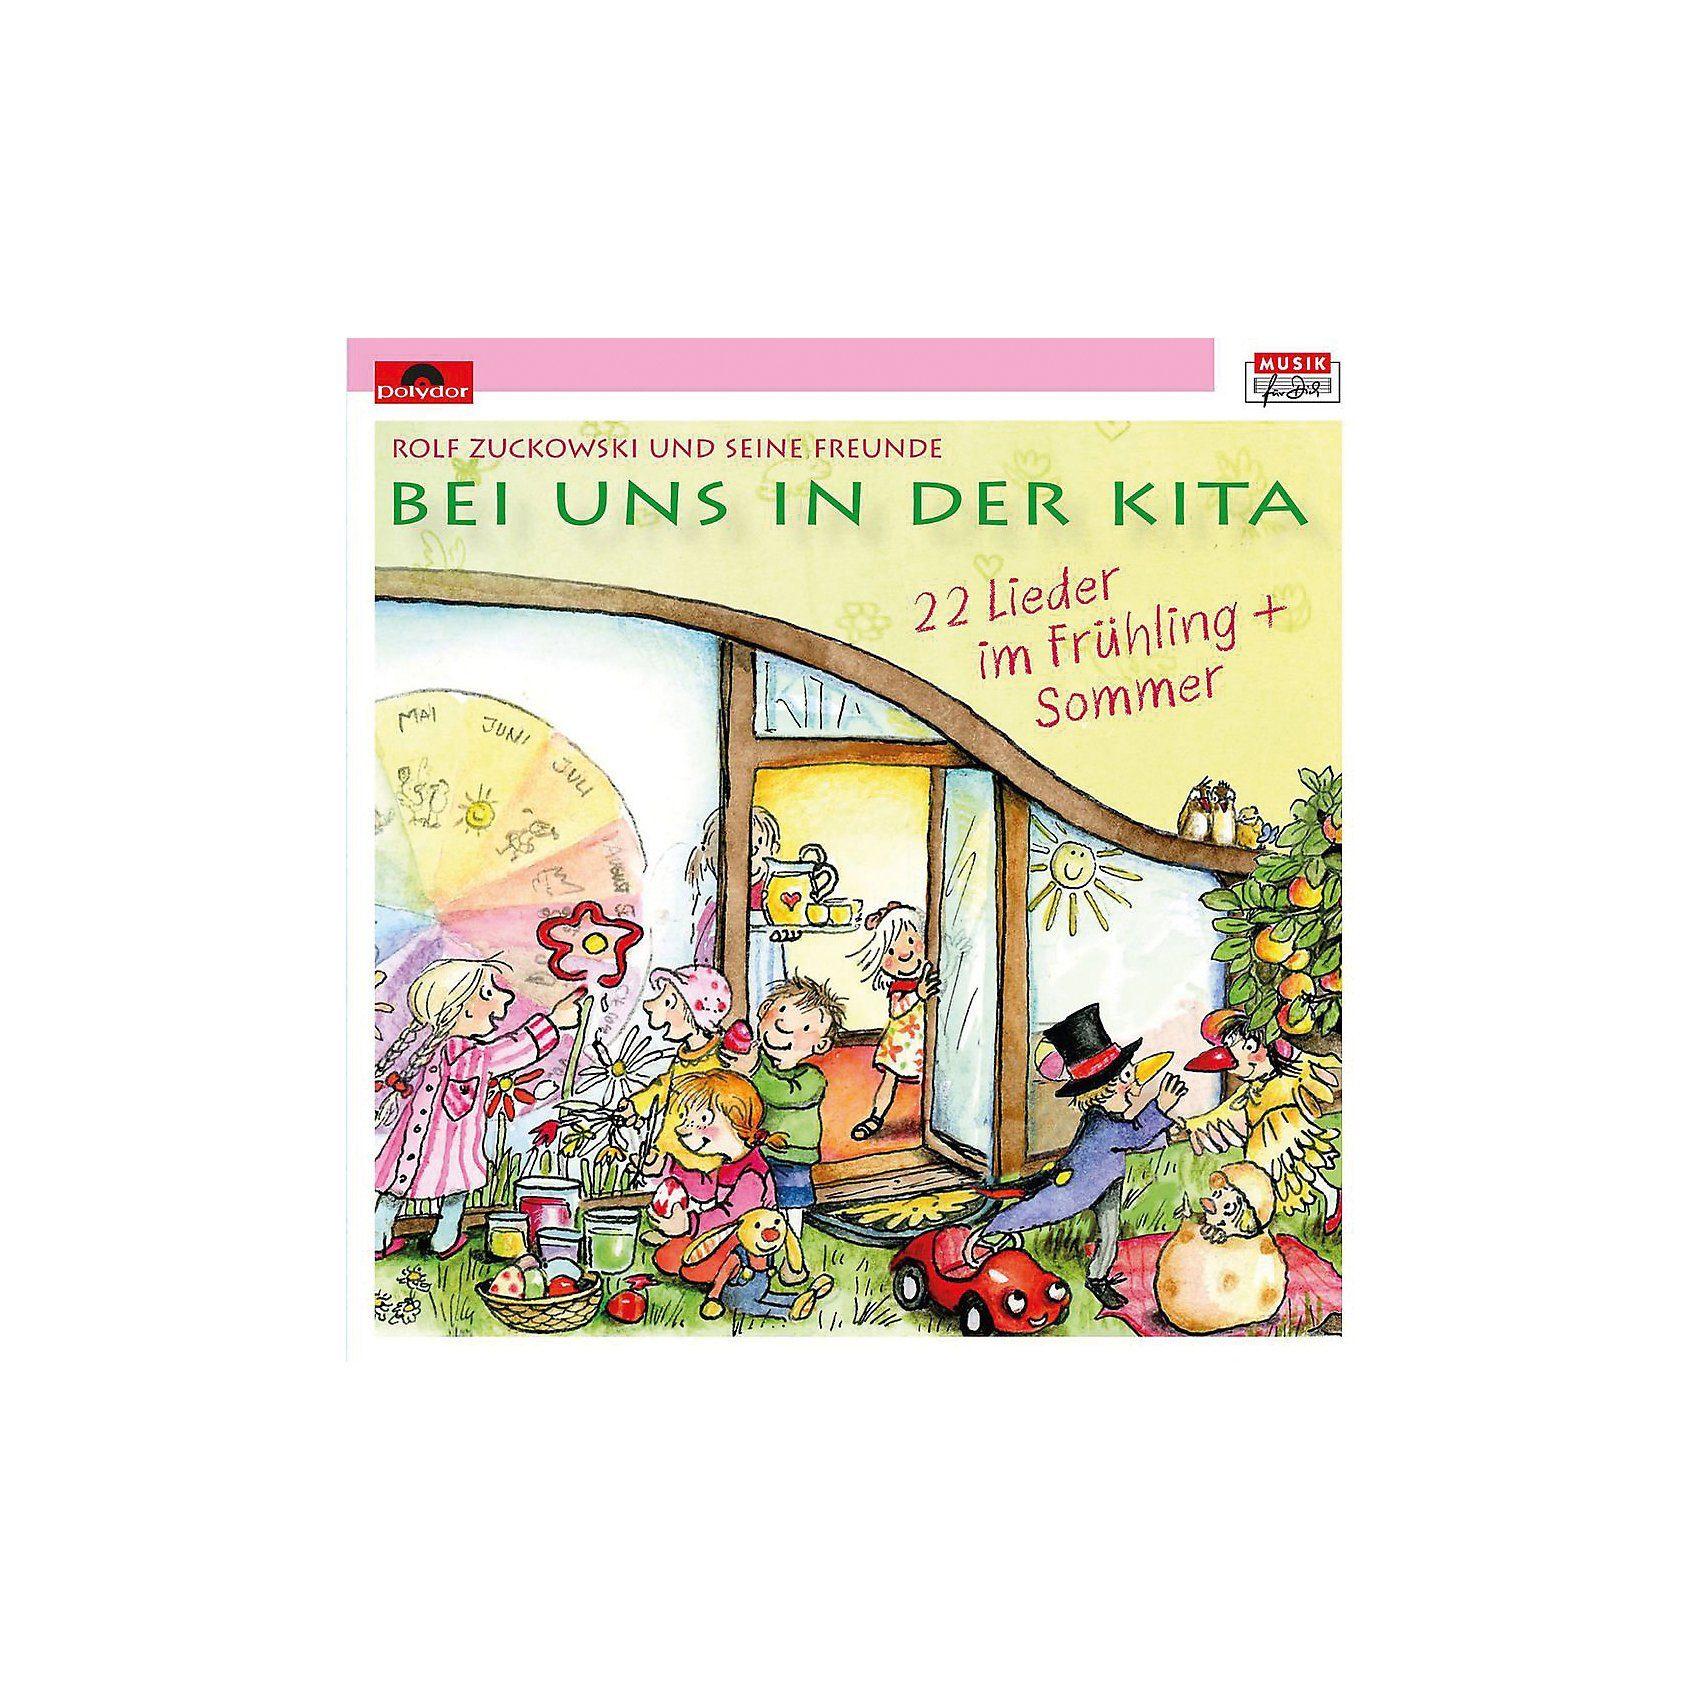 Universal CD Rolf Zuckowski - Bei uns in der Kita 22 Lieder im Frühlin